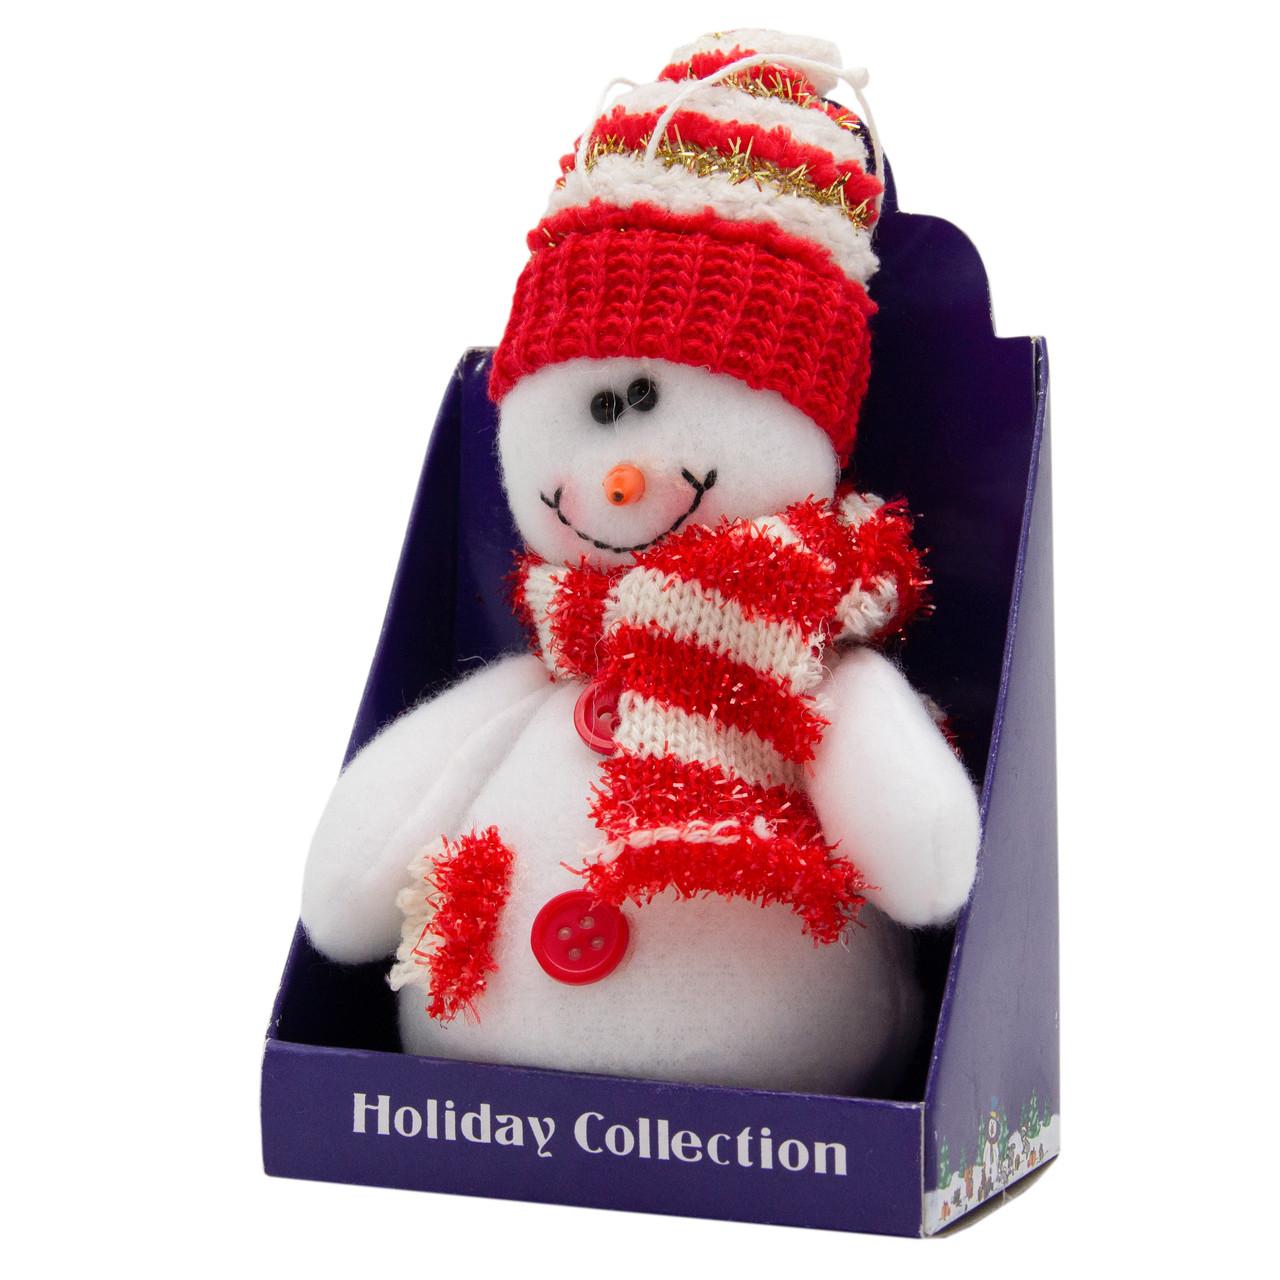 Новогодняя мягкая сувенирная фигурка Снеговик с красным шарфом, 14 см (000029-10)